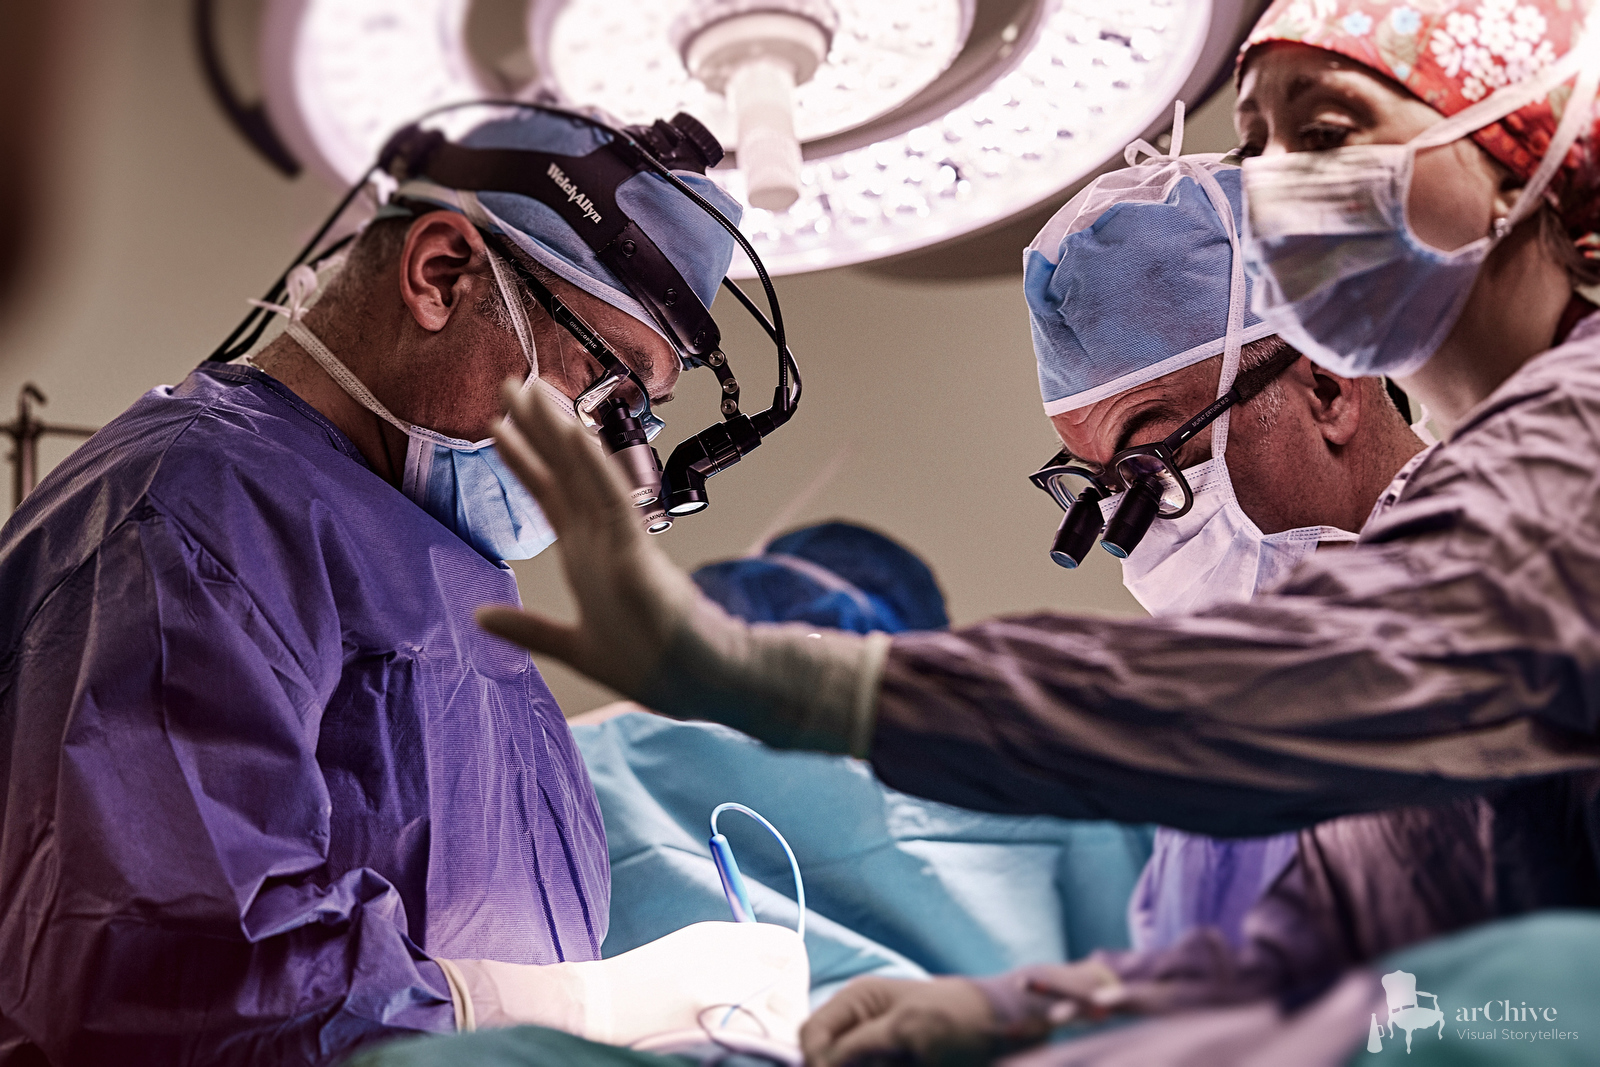 φωτογράφιση γιατρού